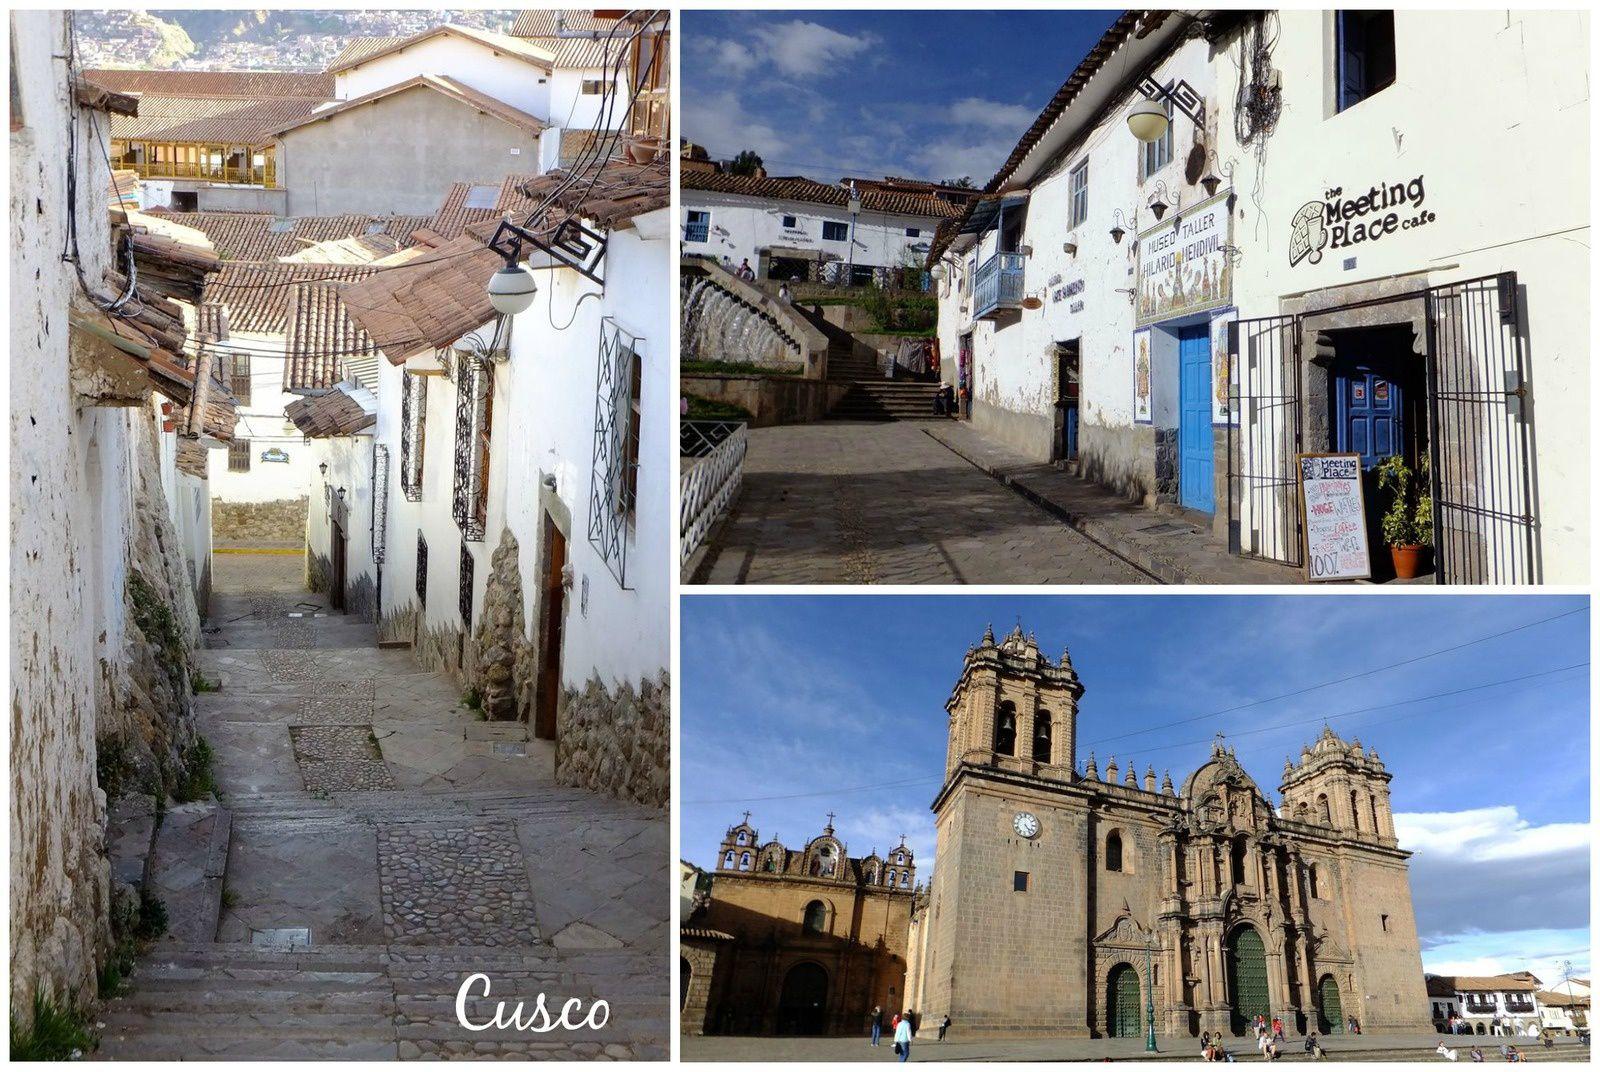 Quelques idées d'activités à Cusco au Pérou !